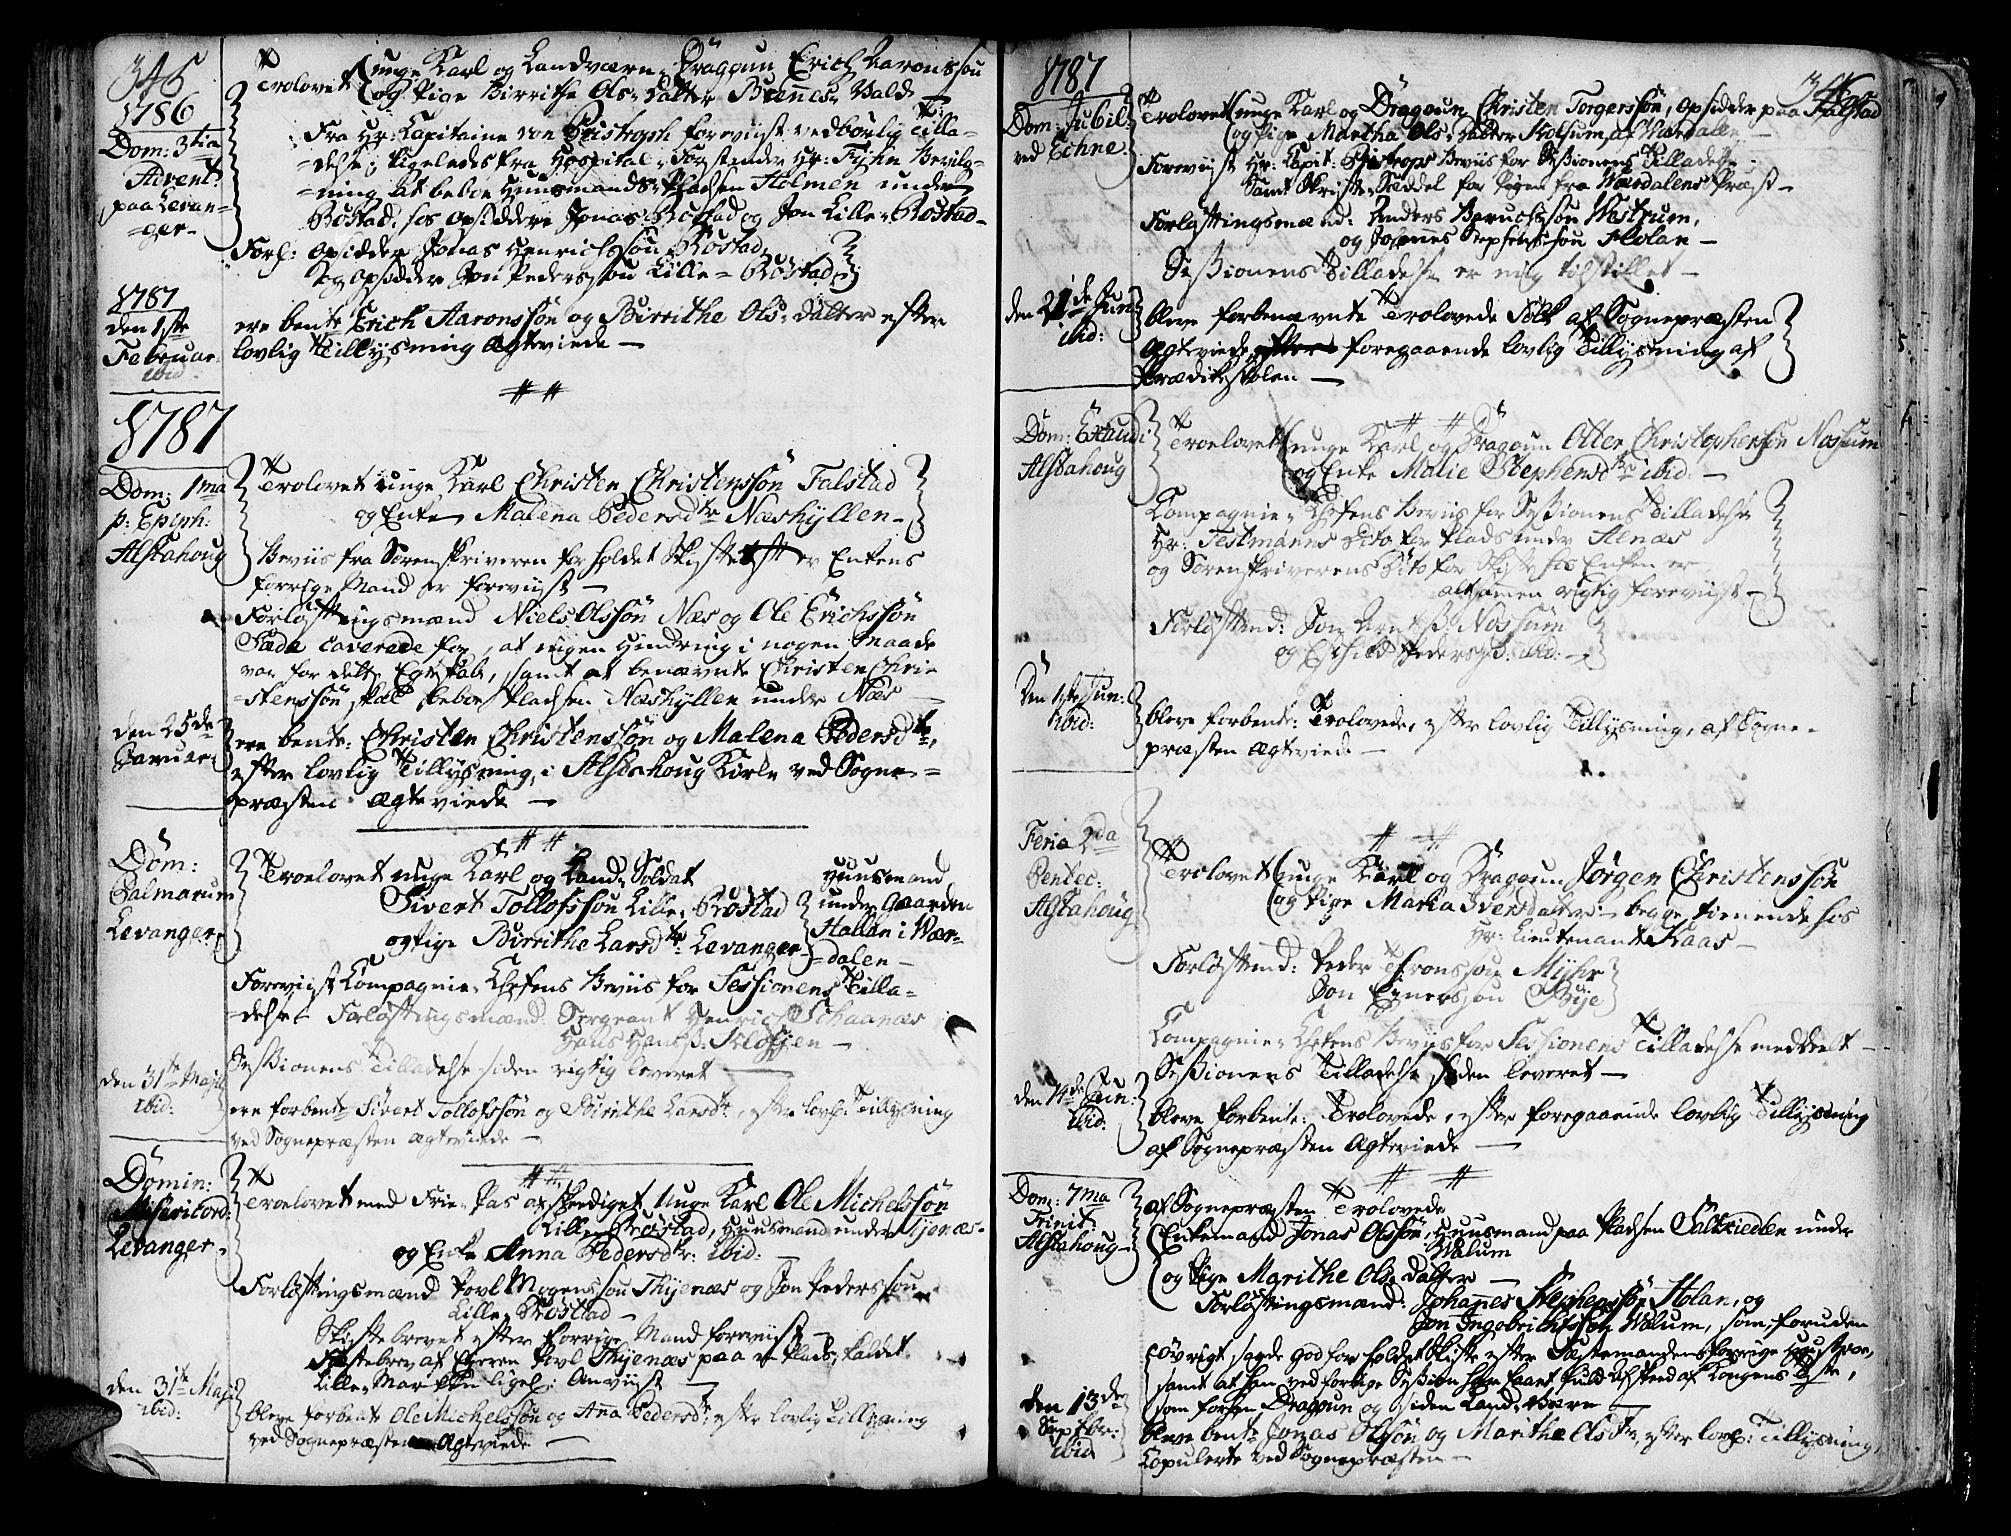 SAT, Ministerialprotokoller, klokkerbøker og fødselsregistre - Nord-Trøndelag, 717/L0141: Ministerialbok nr. 717A01, 1747-1803, s. 345-346